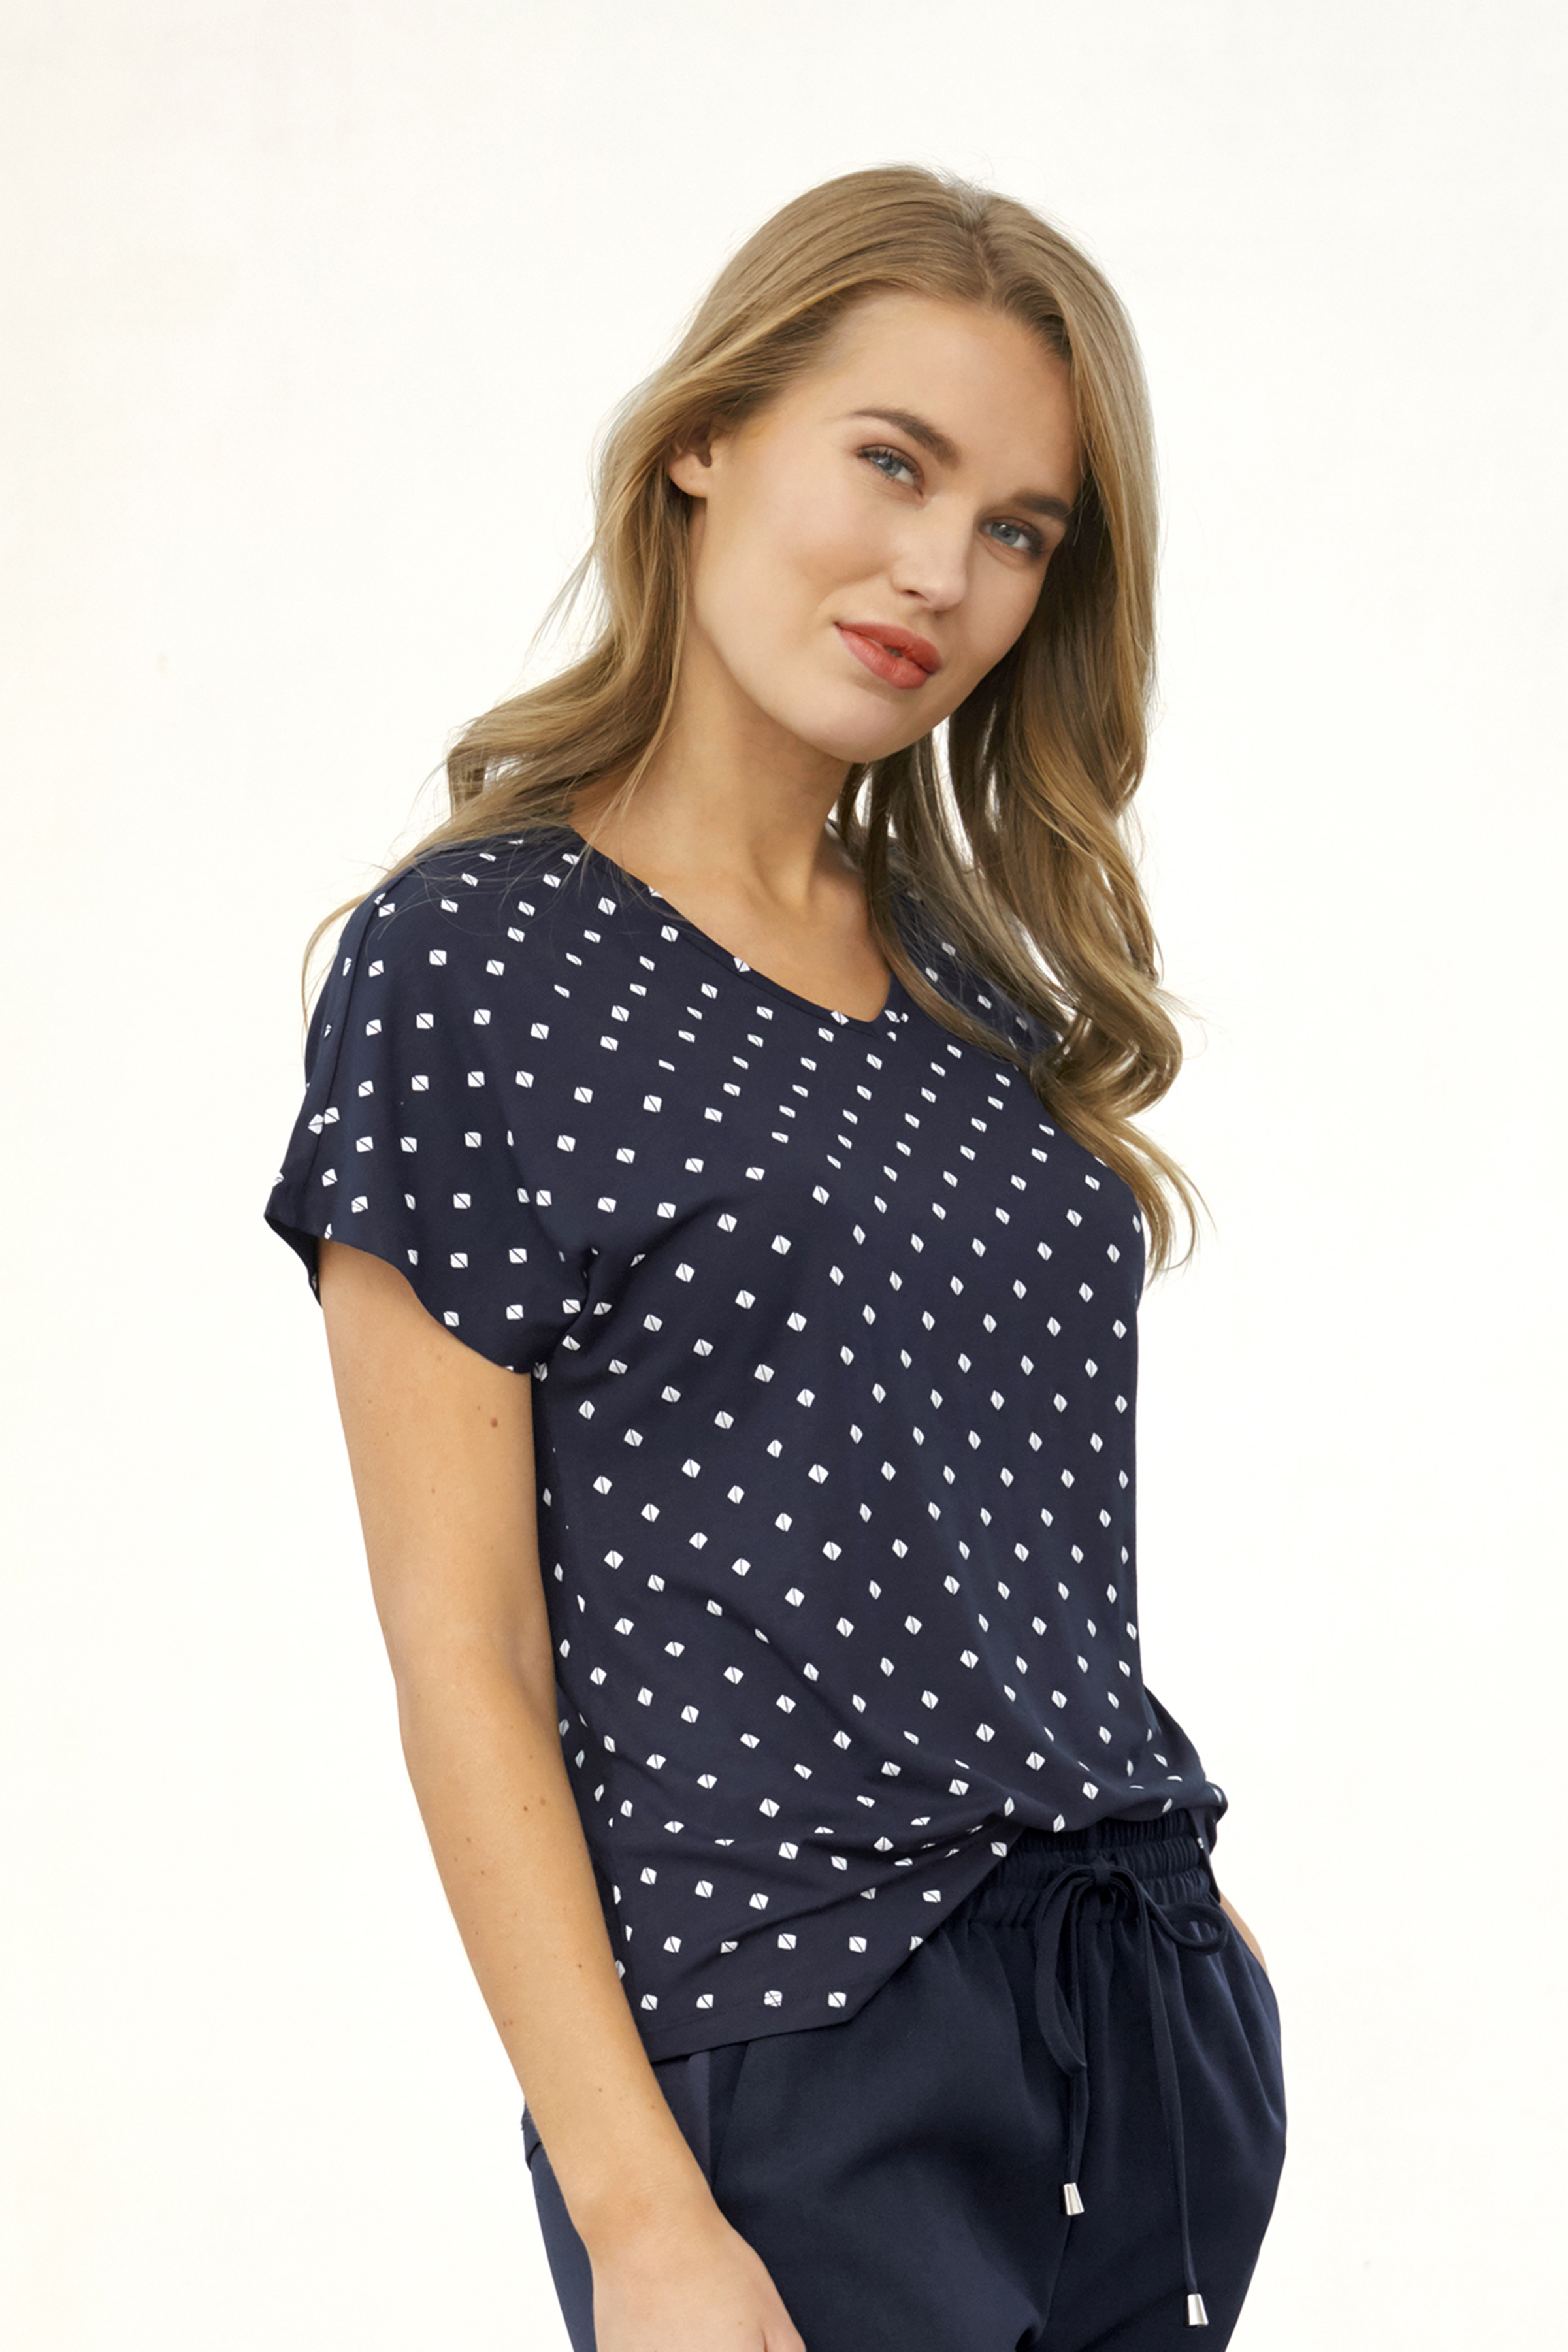 Marineblau/weiß Kurzarm-Shirt von Fransa – Shoppen Sie Marineblau/weiß Kurzarm-Shirt ab Gr. XS-XXL hier